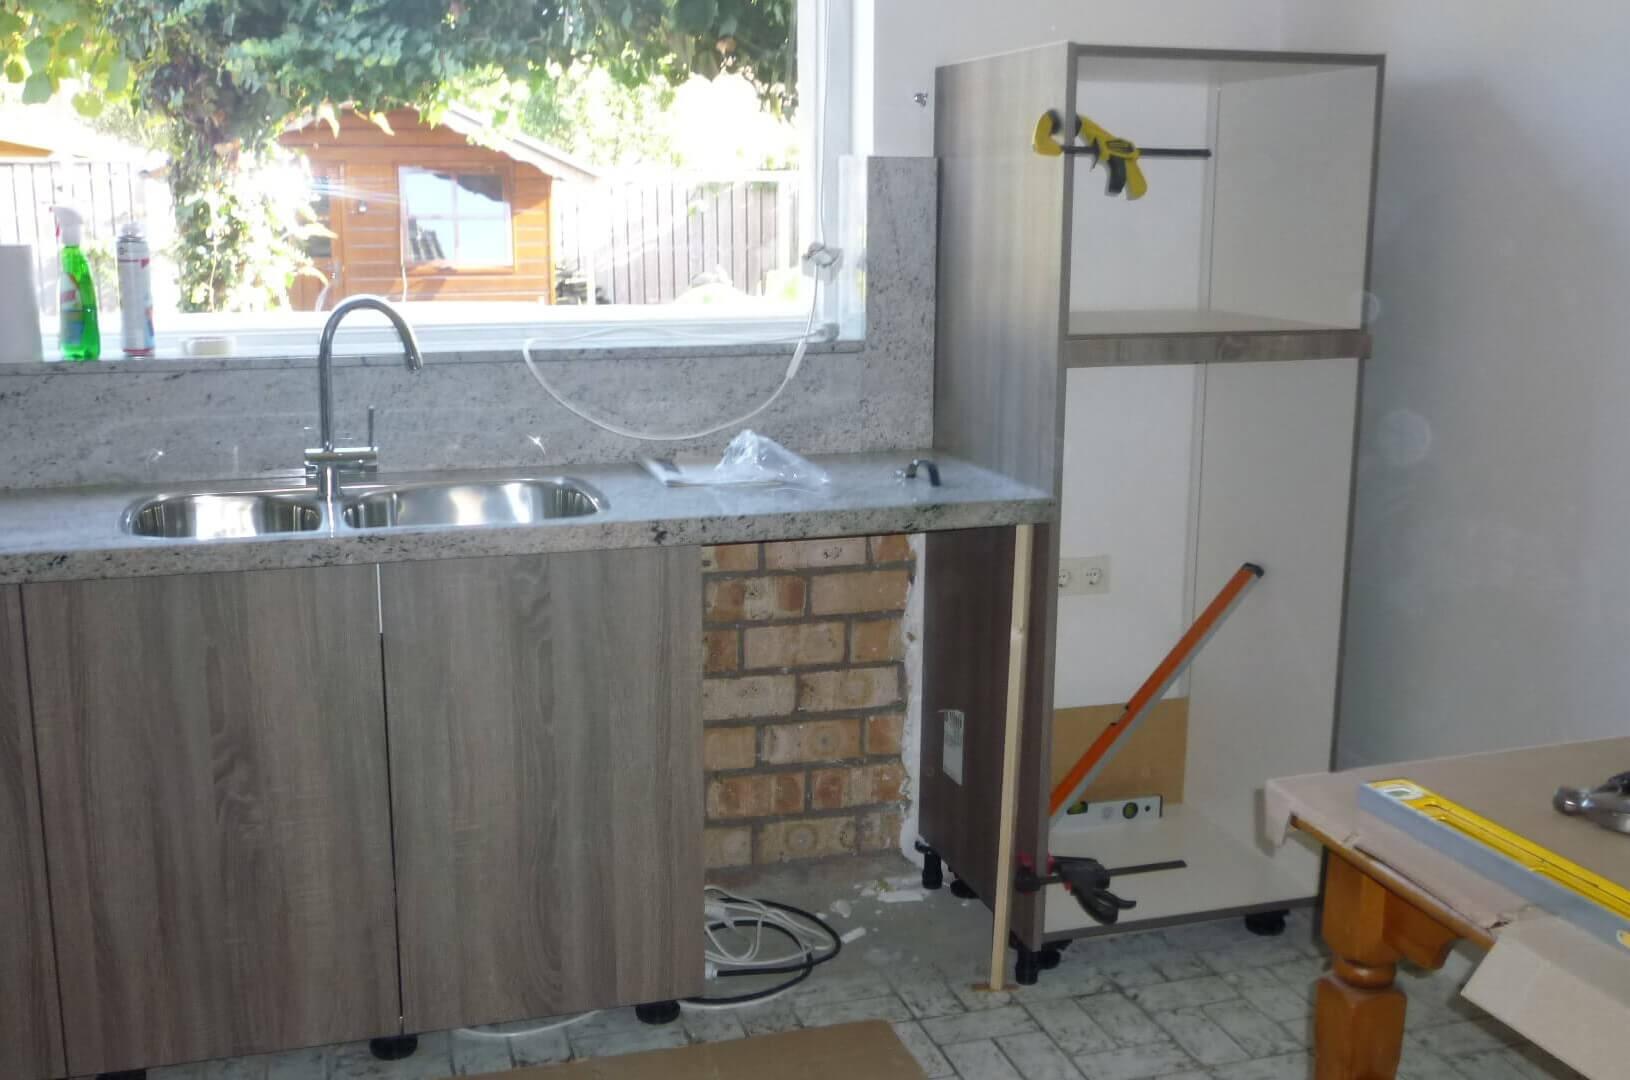 Renovatie Van Keukens : Renovatie manders keukens